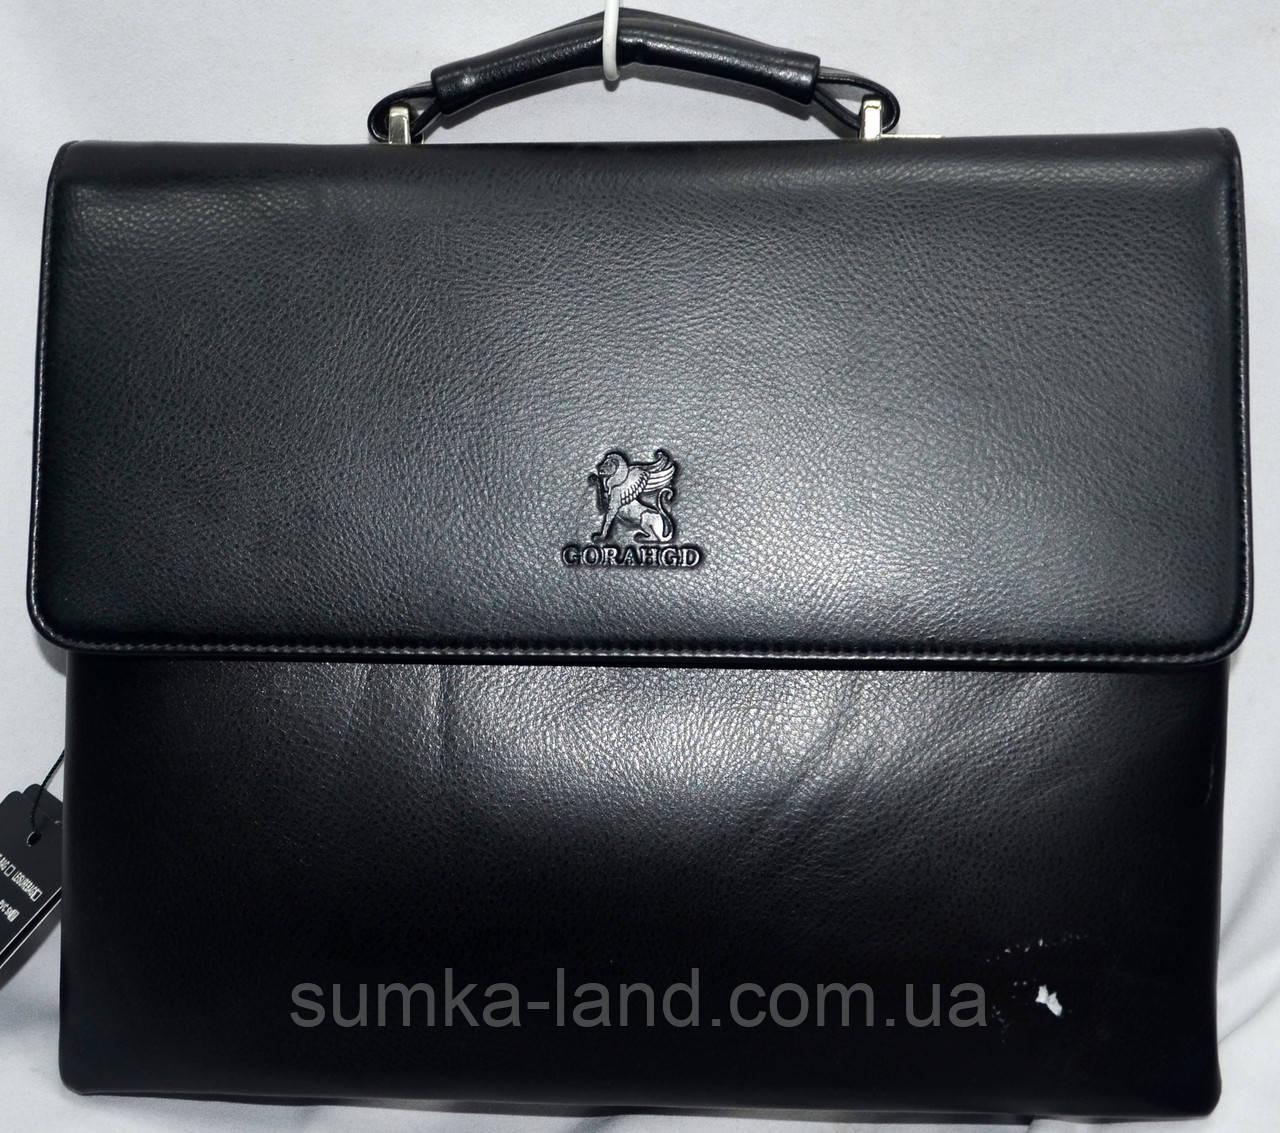 Мужская черная сумка, барсетка на плечо с клапаном и на 3 отдела на молнии 33*26 см